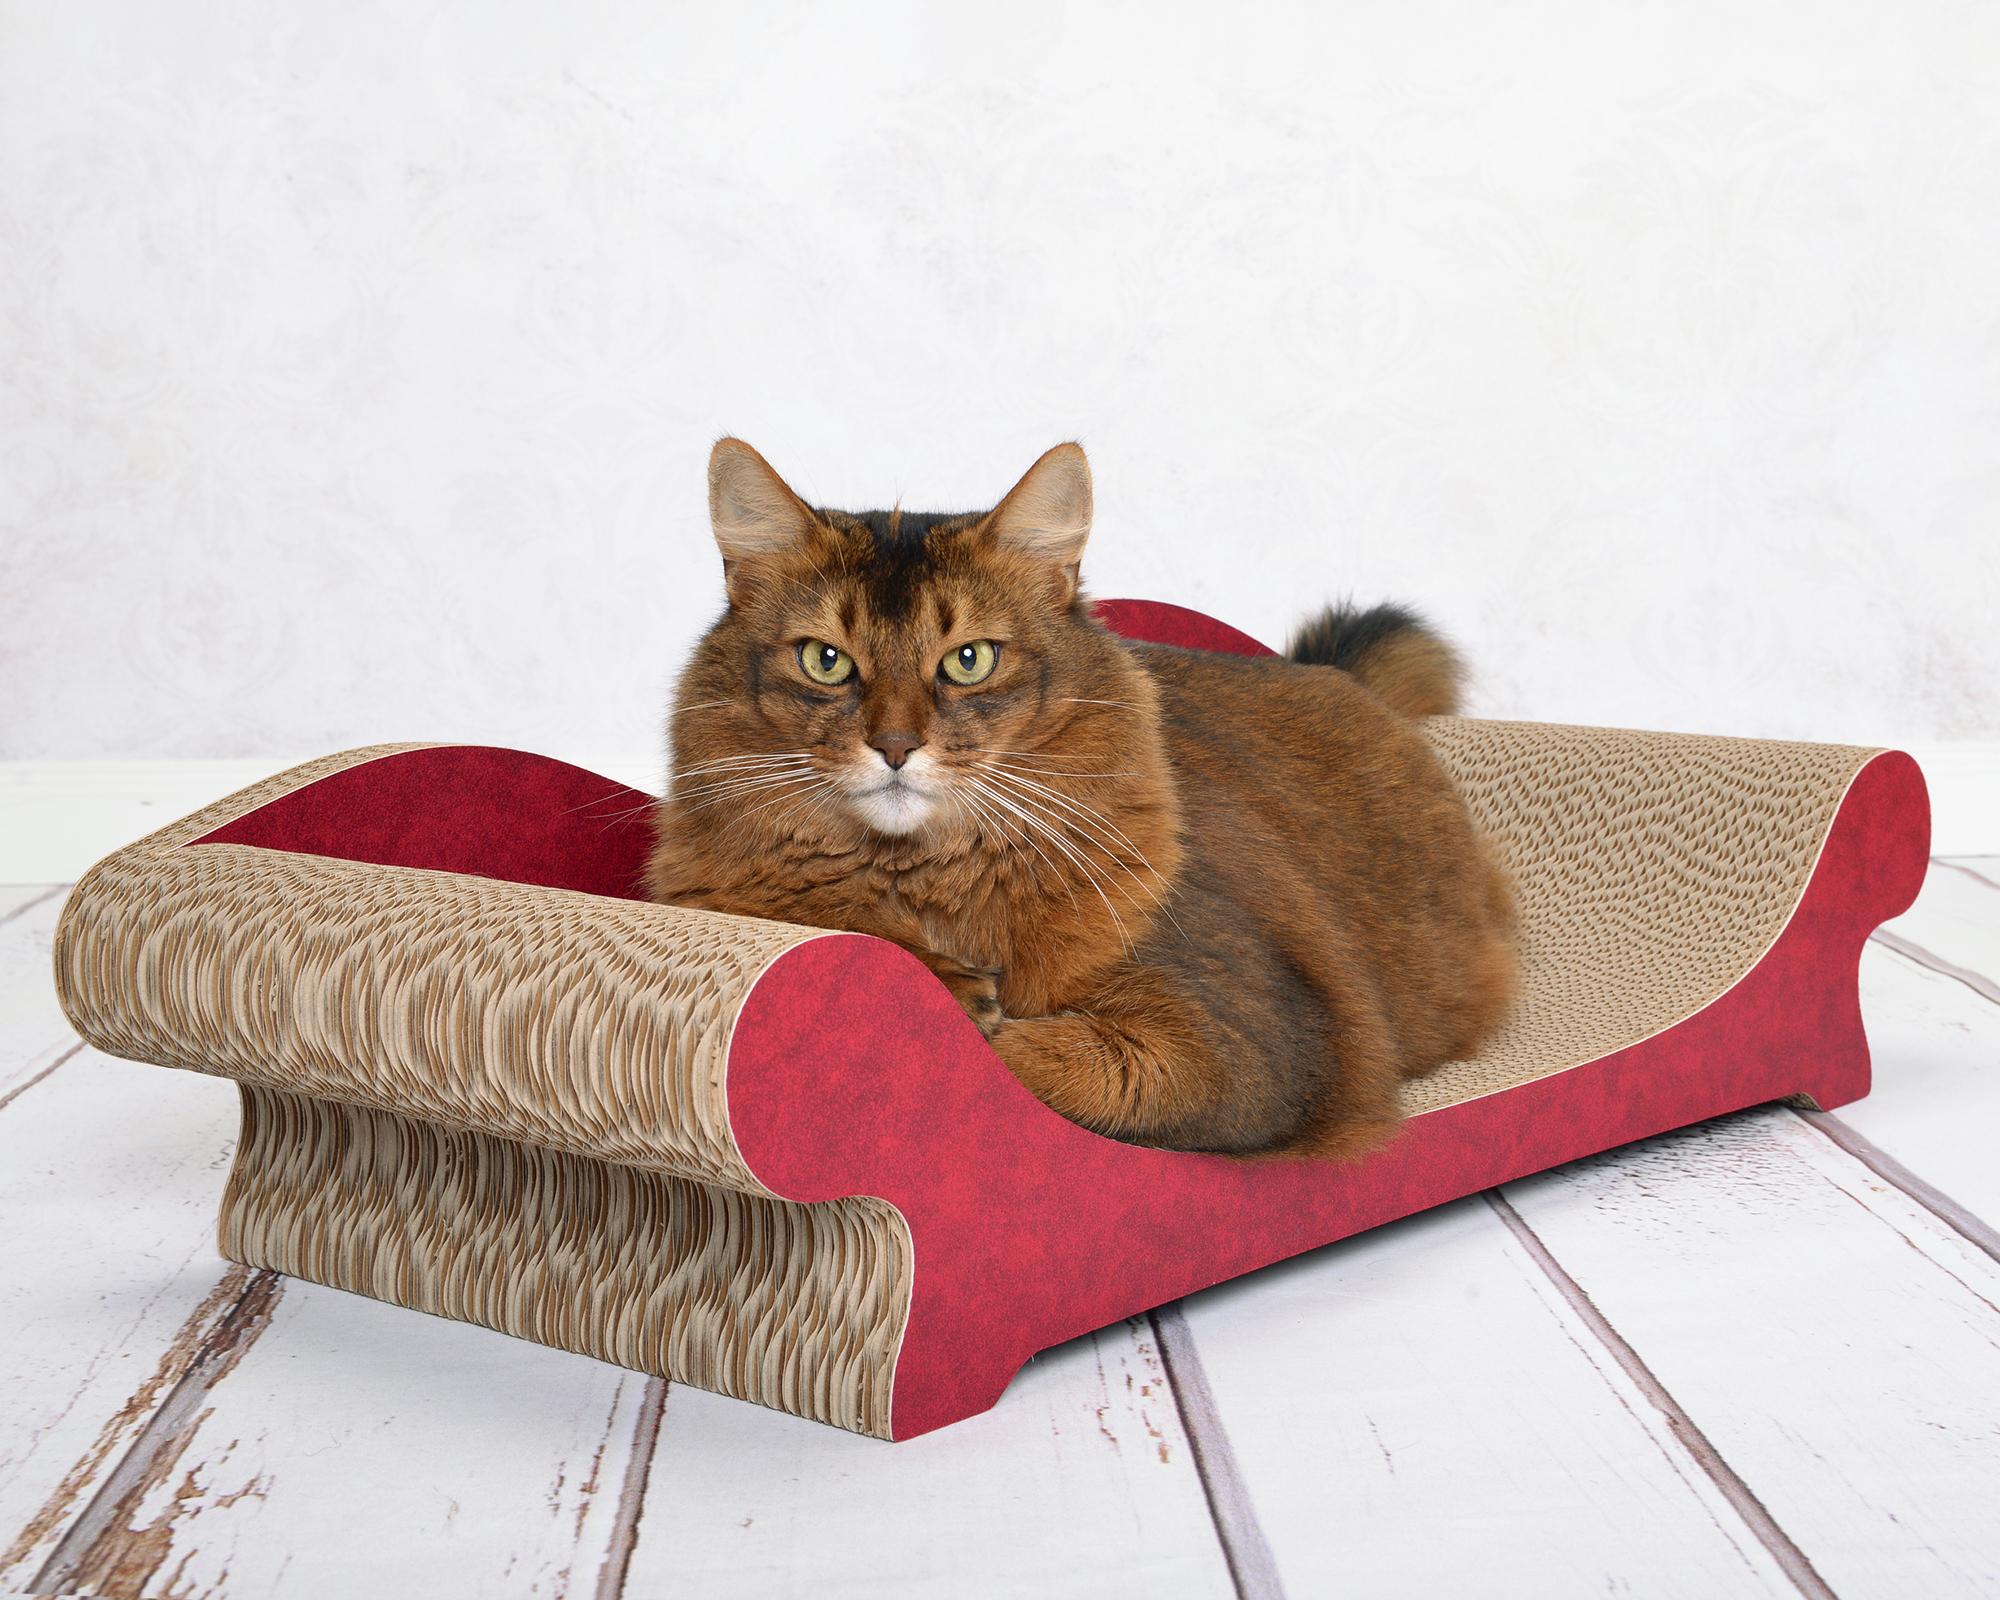 Katzenmoebel aus fsc-zertifizierter Wellpappe mit umwletfreundlicher Papier-Applikation